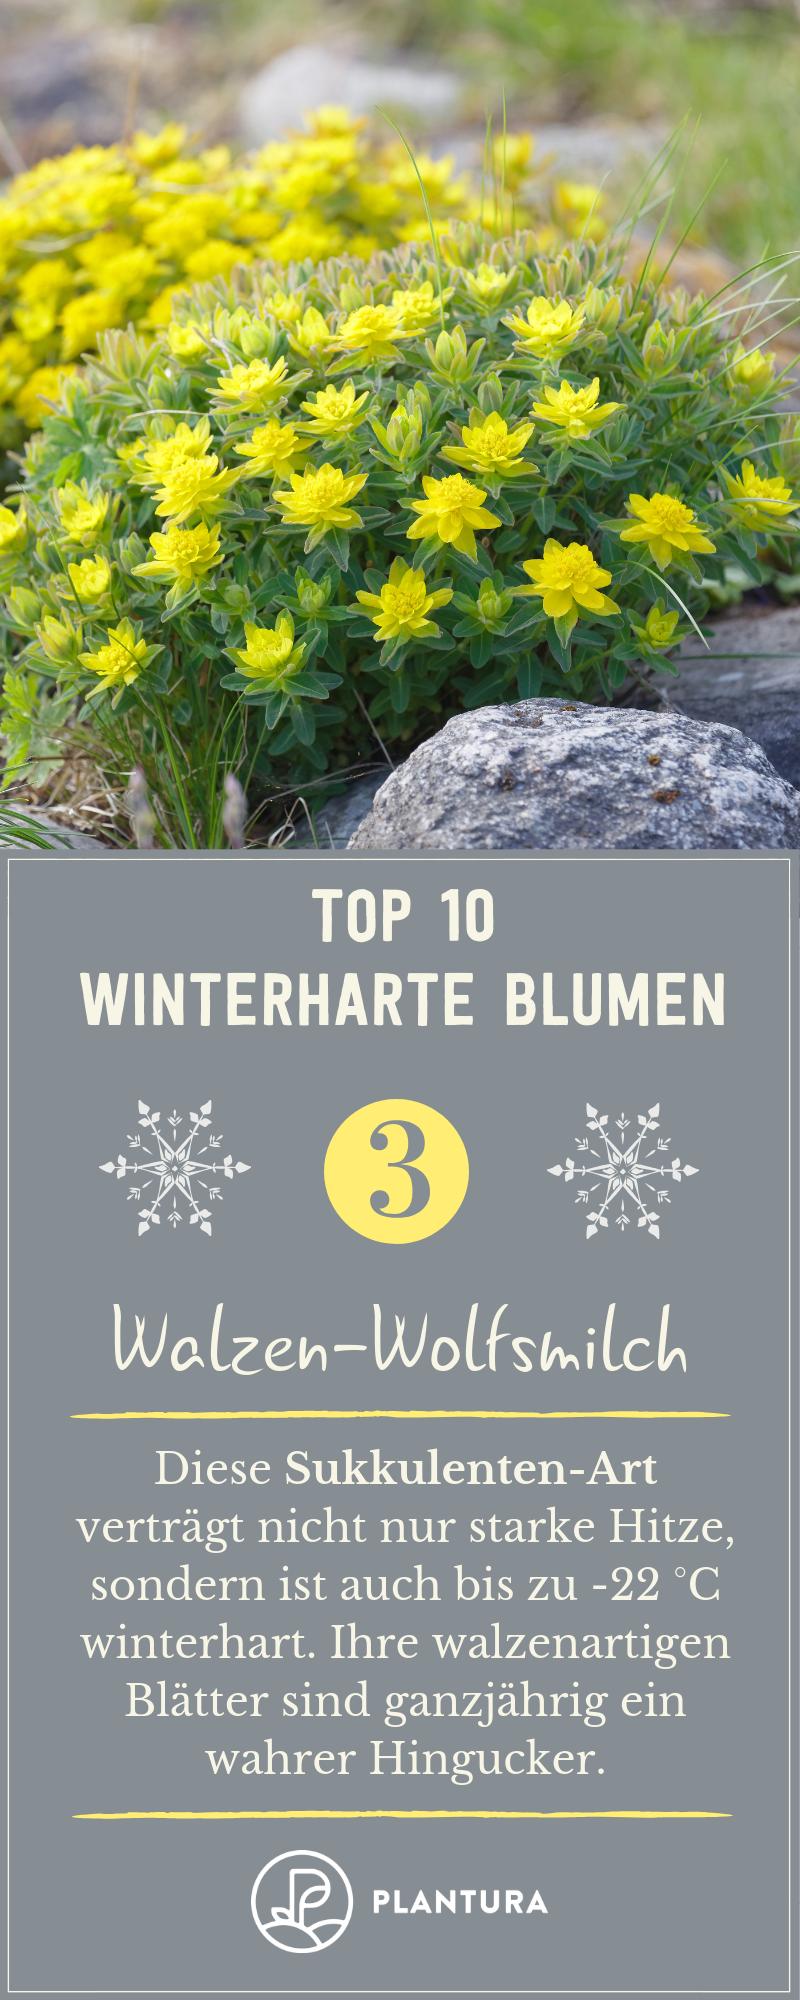 Winterharte Blumen: Diese robusten Sorten trotzen dem Winter